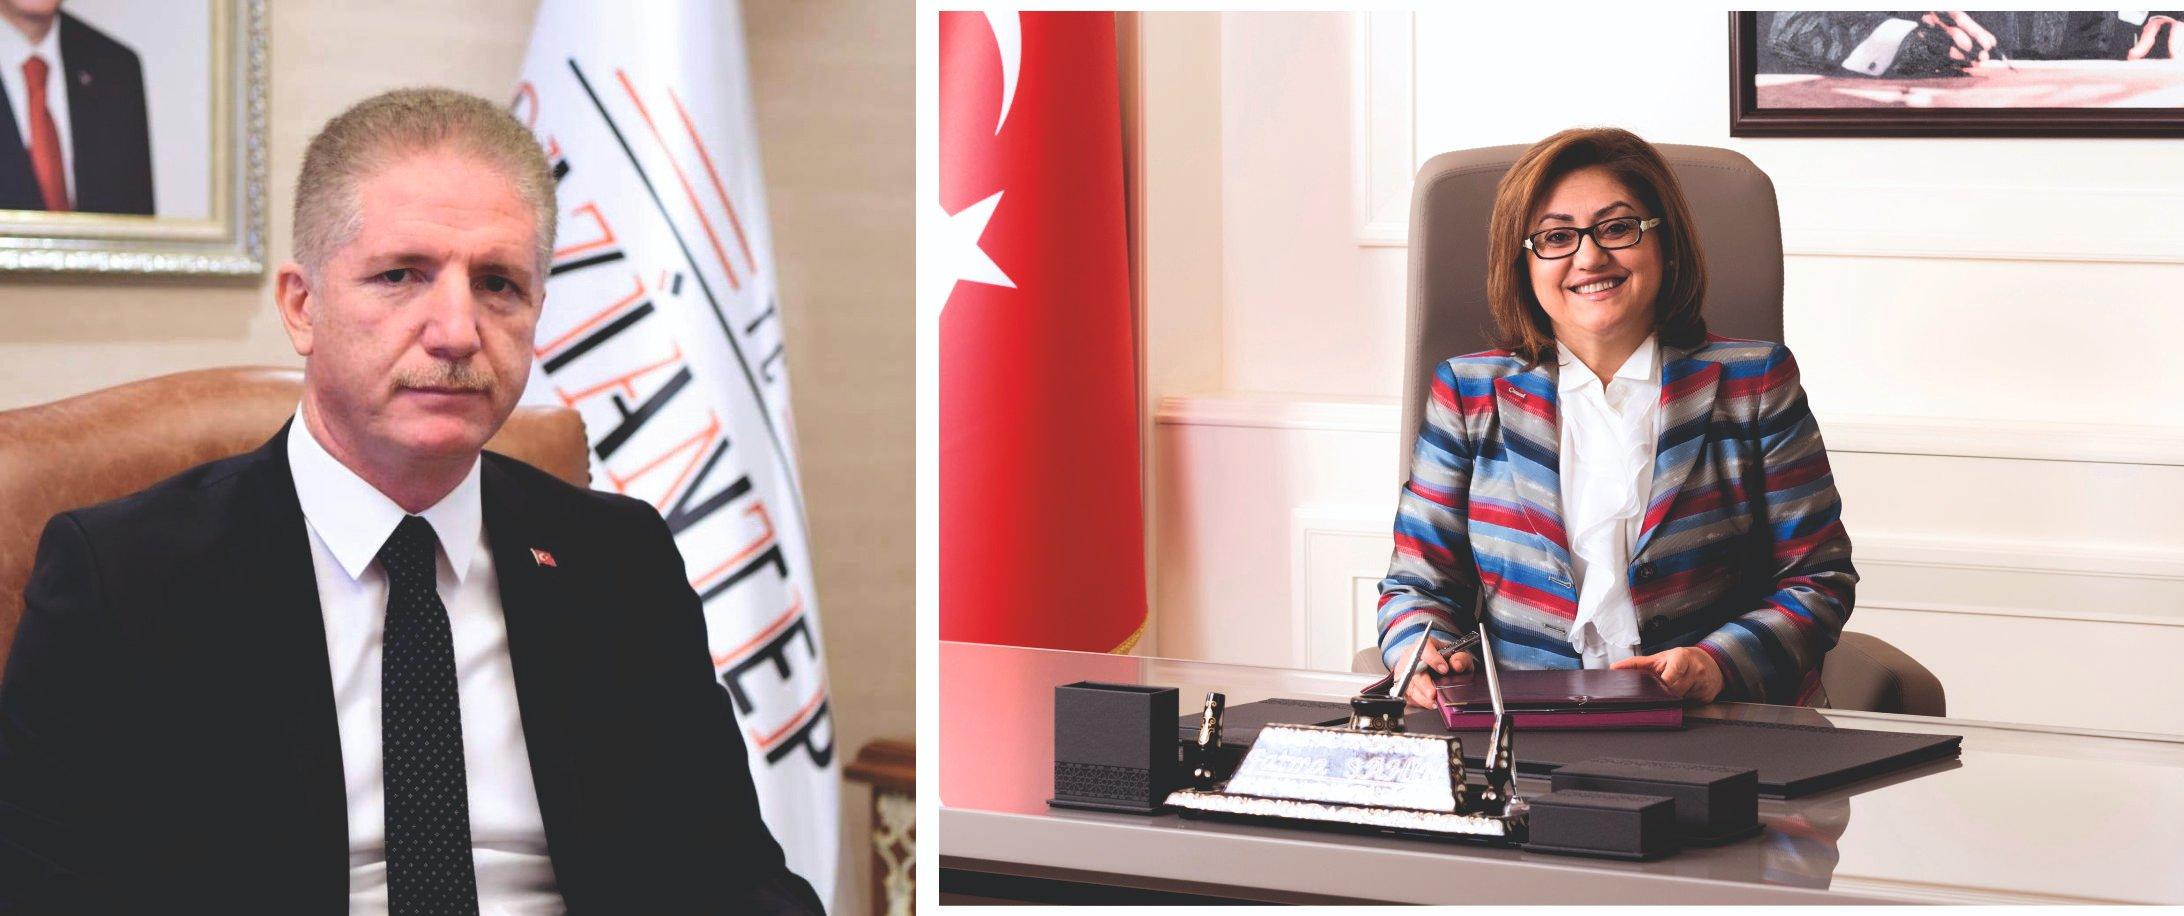 Vali Davut Gül ve Büyükşehir Belediye Başkanı Şahin'den Bayram kutlama mesajı